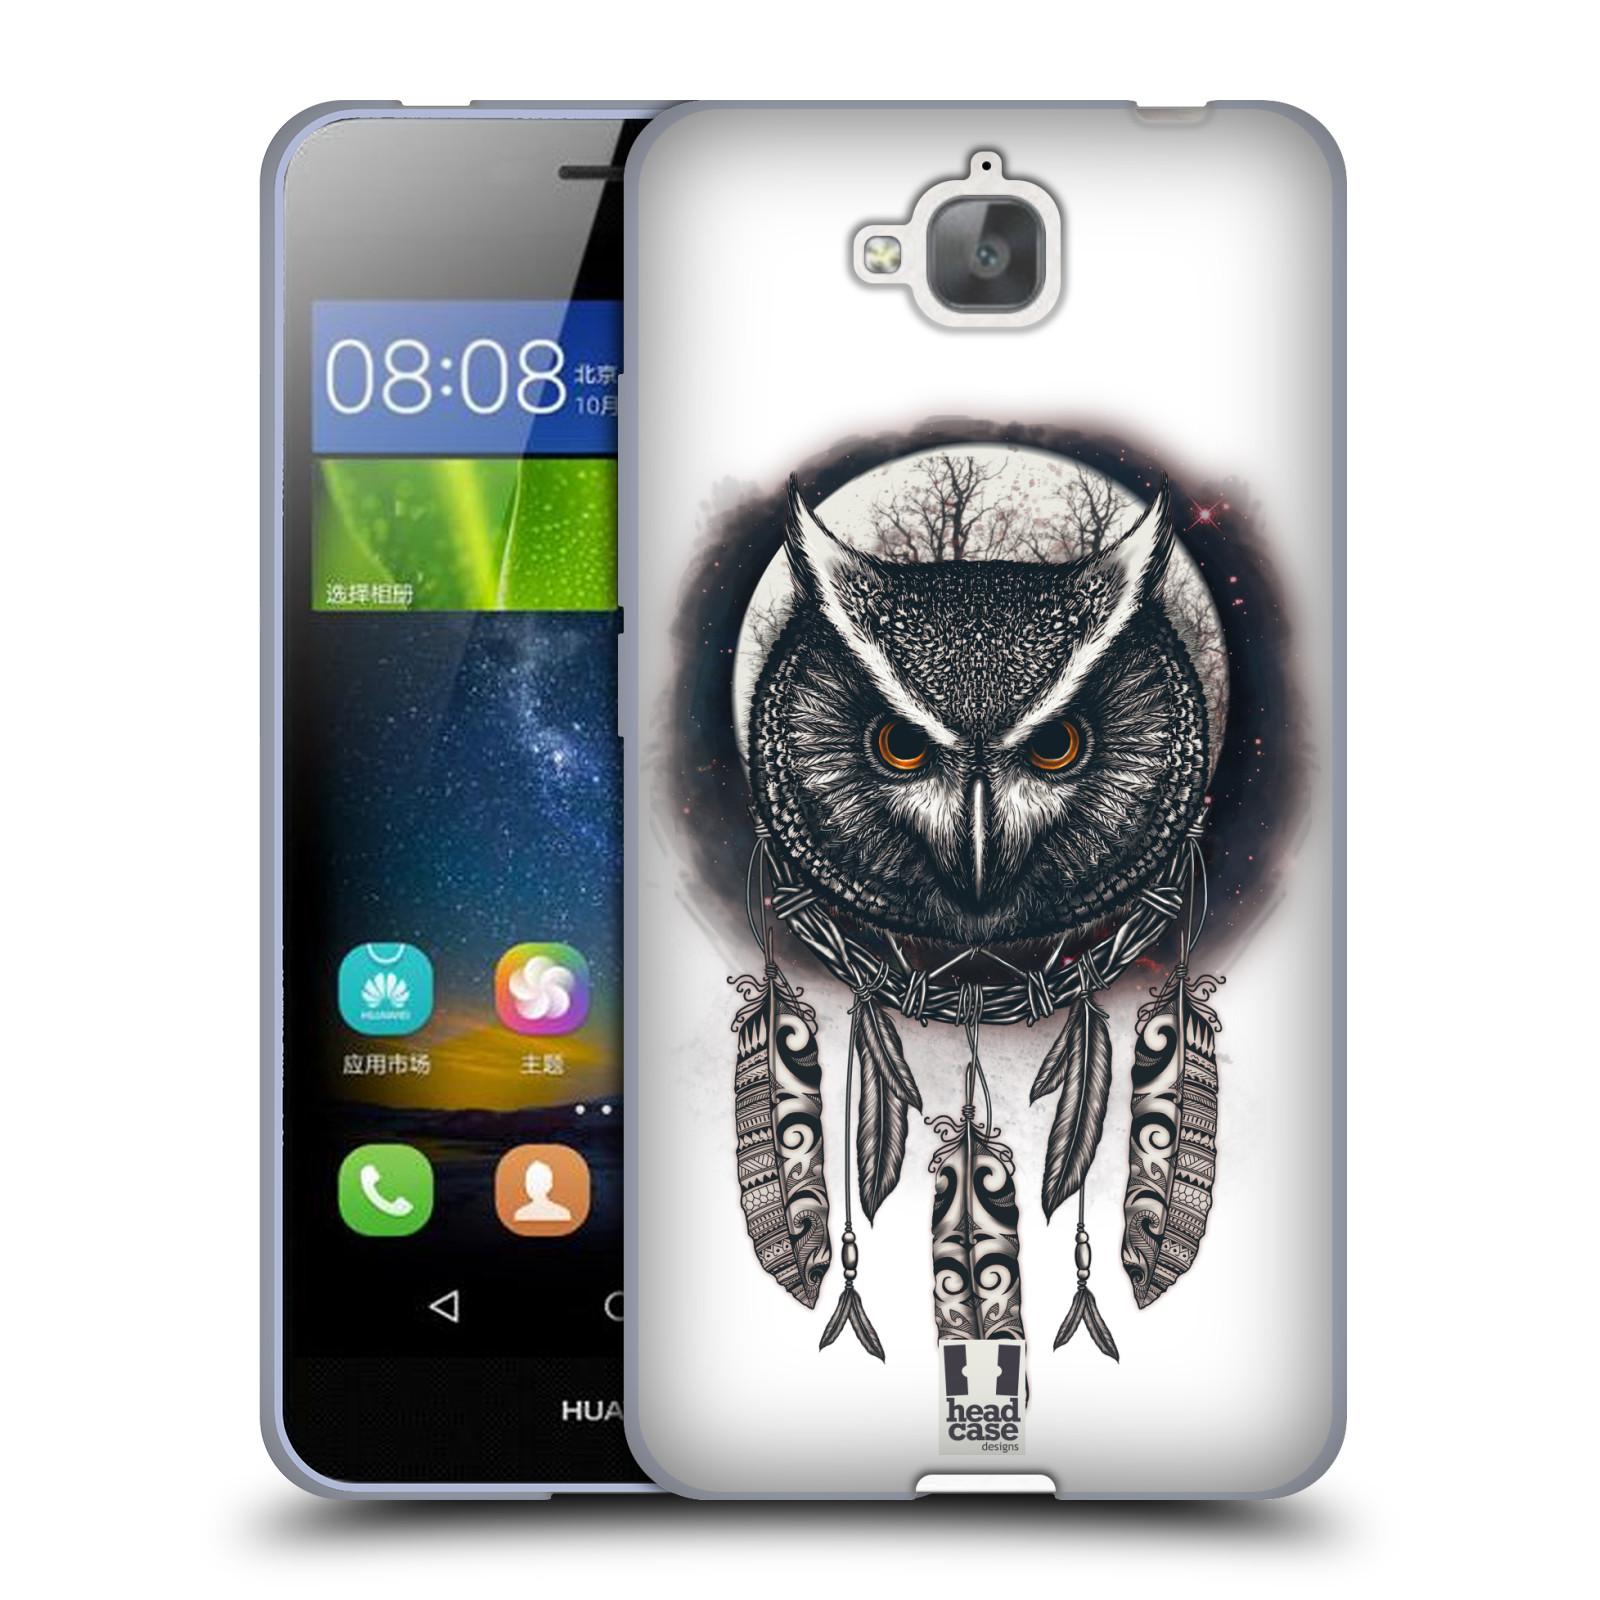 Silikonové pouzdro na mobil Huawei Y6 Pro Dual Sim - Head Case - Soví lapač